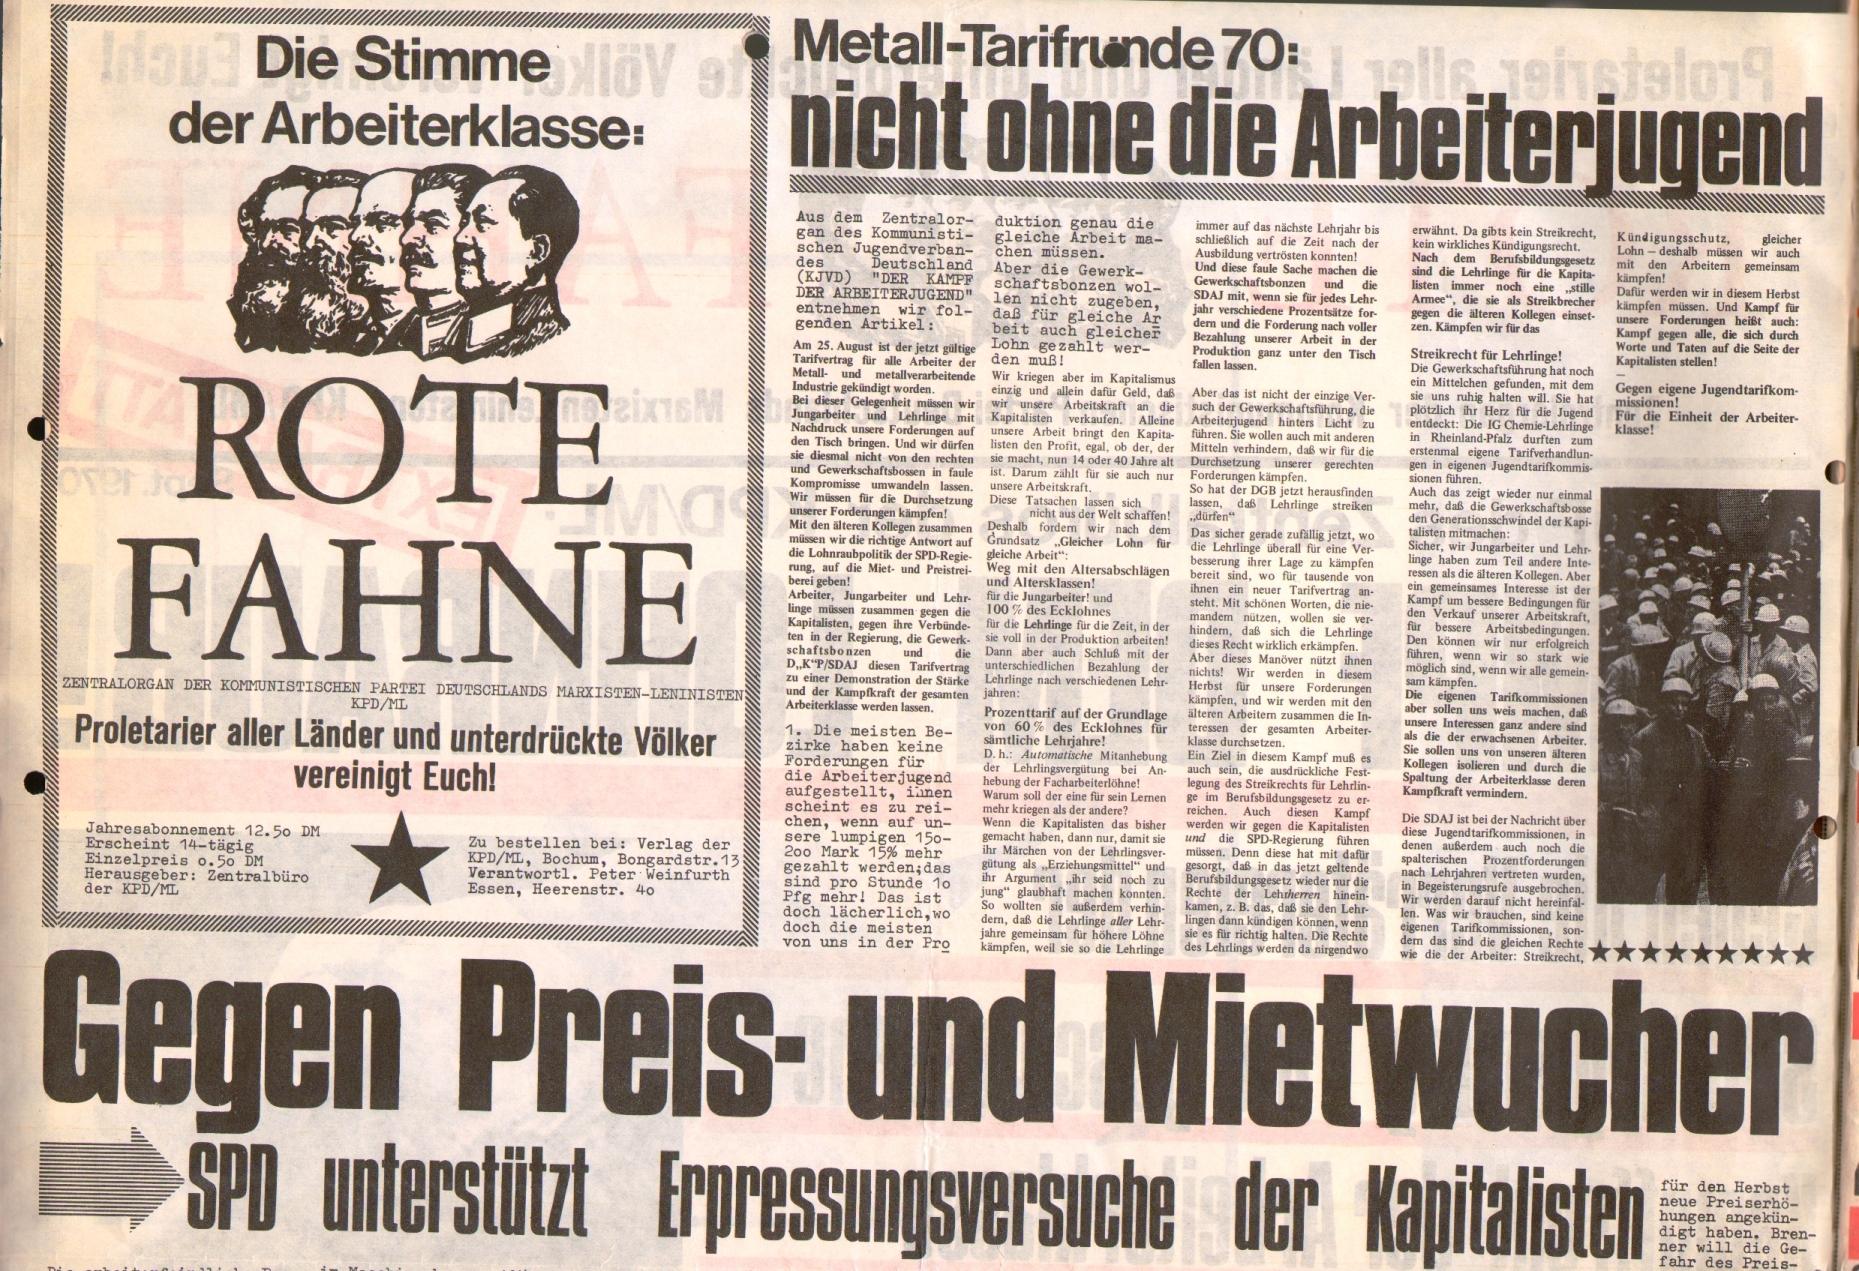 Rote Fahne, 1. Jg., September 1970, Extrablatt, Seite 2 oben